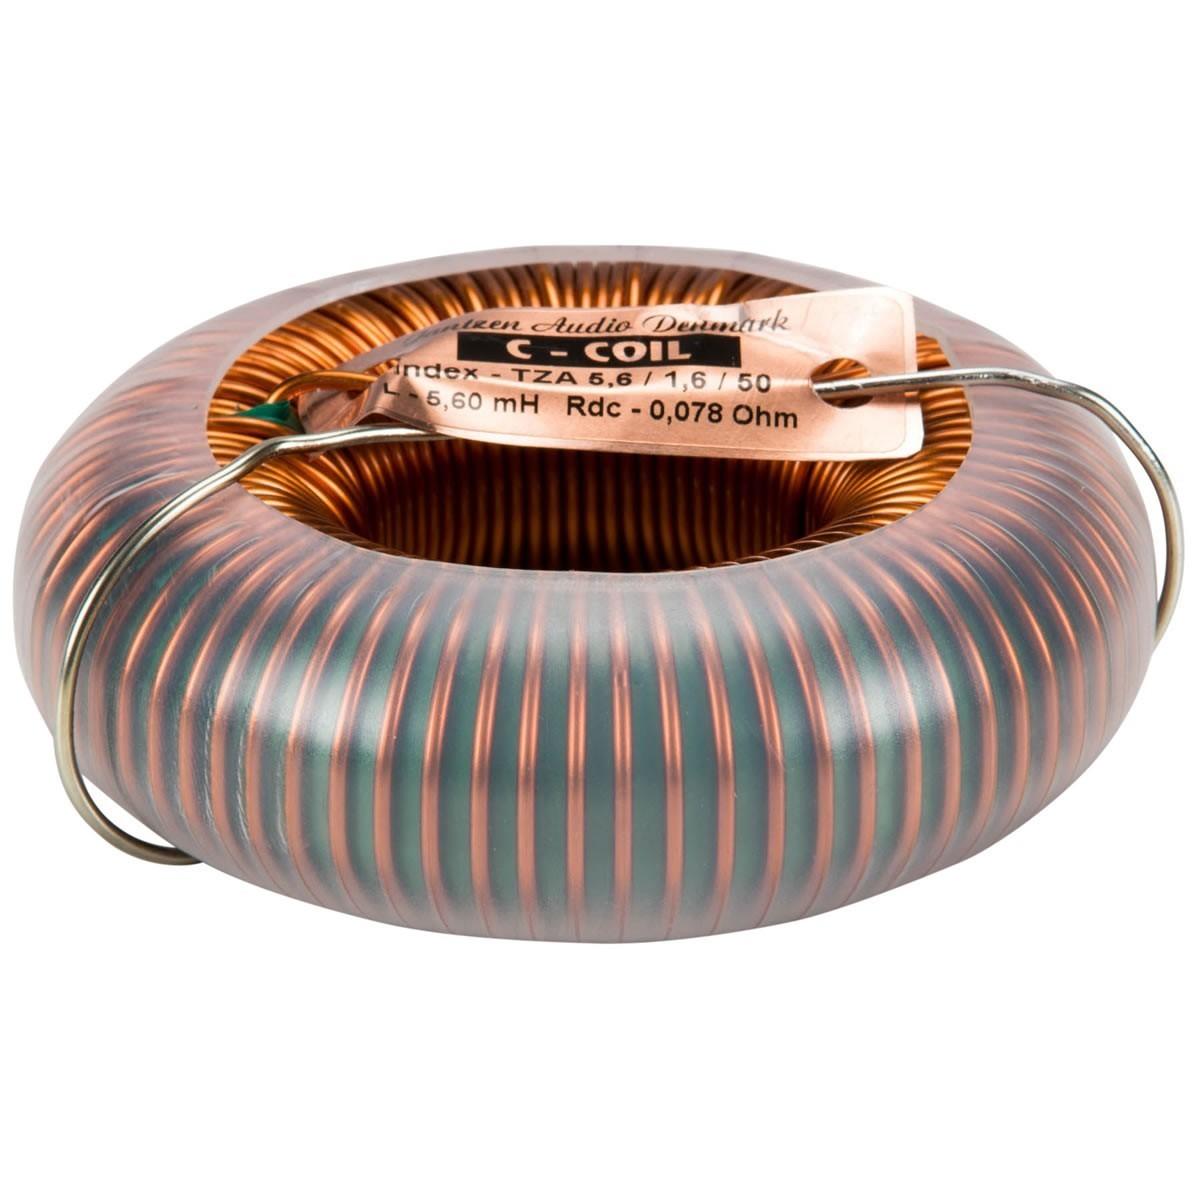 JANTZEN AUDIO C-COIL 4N Copper 15AWG Ø1.4mm 10mH 0.18 Ohm